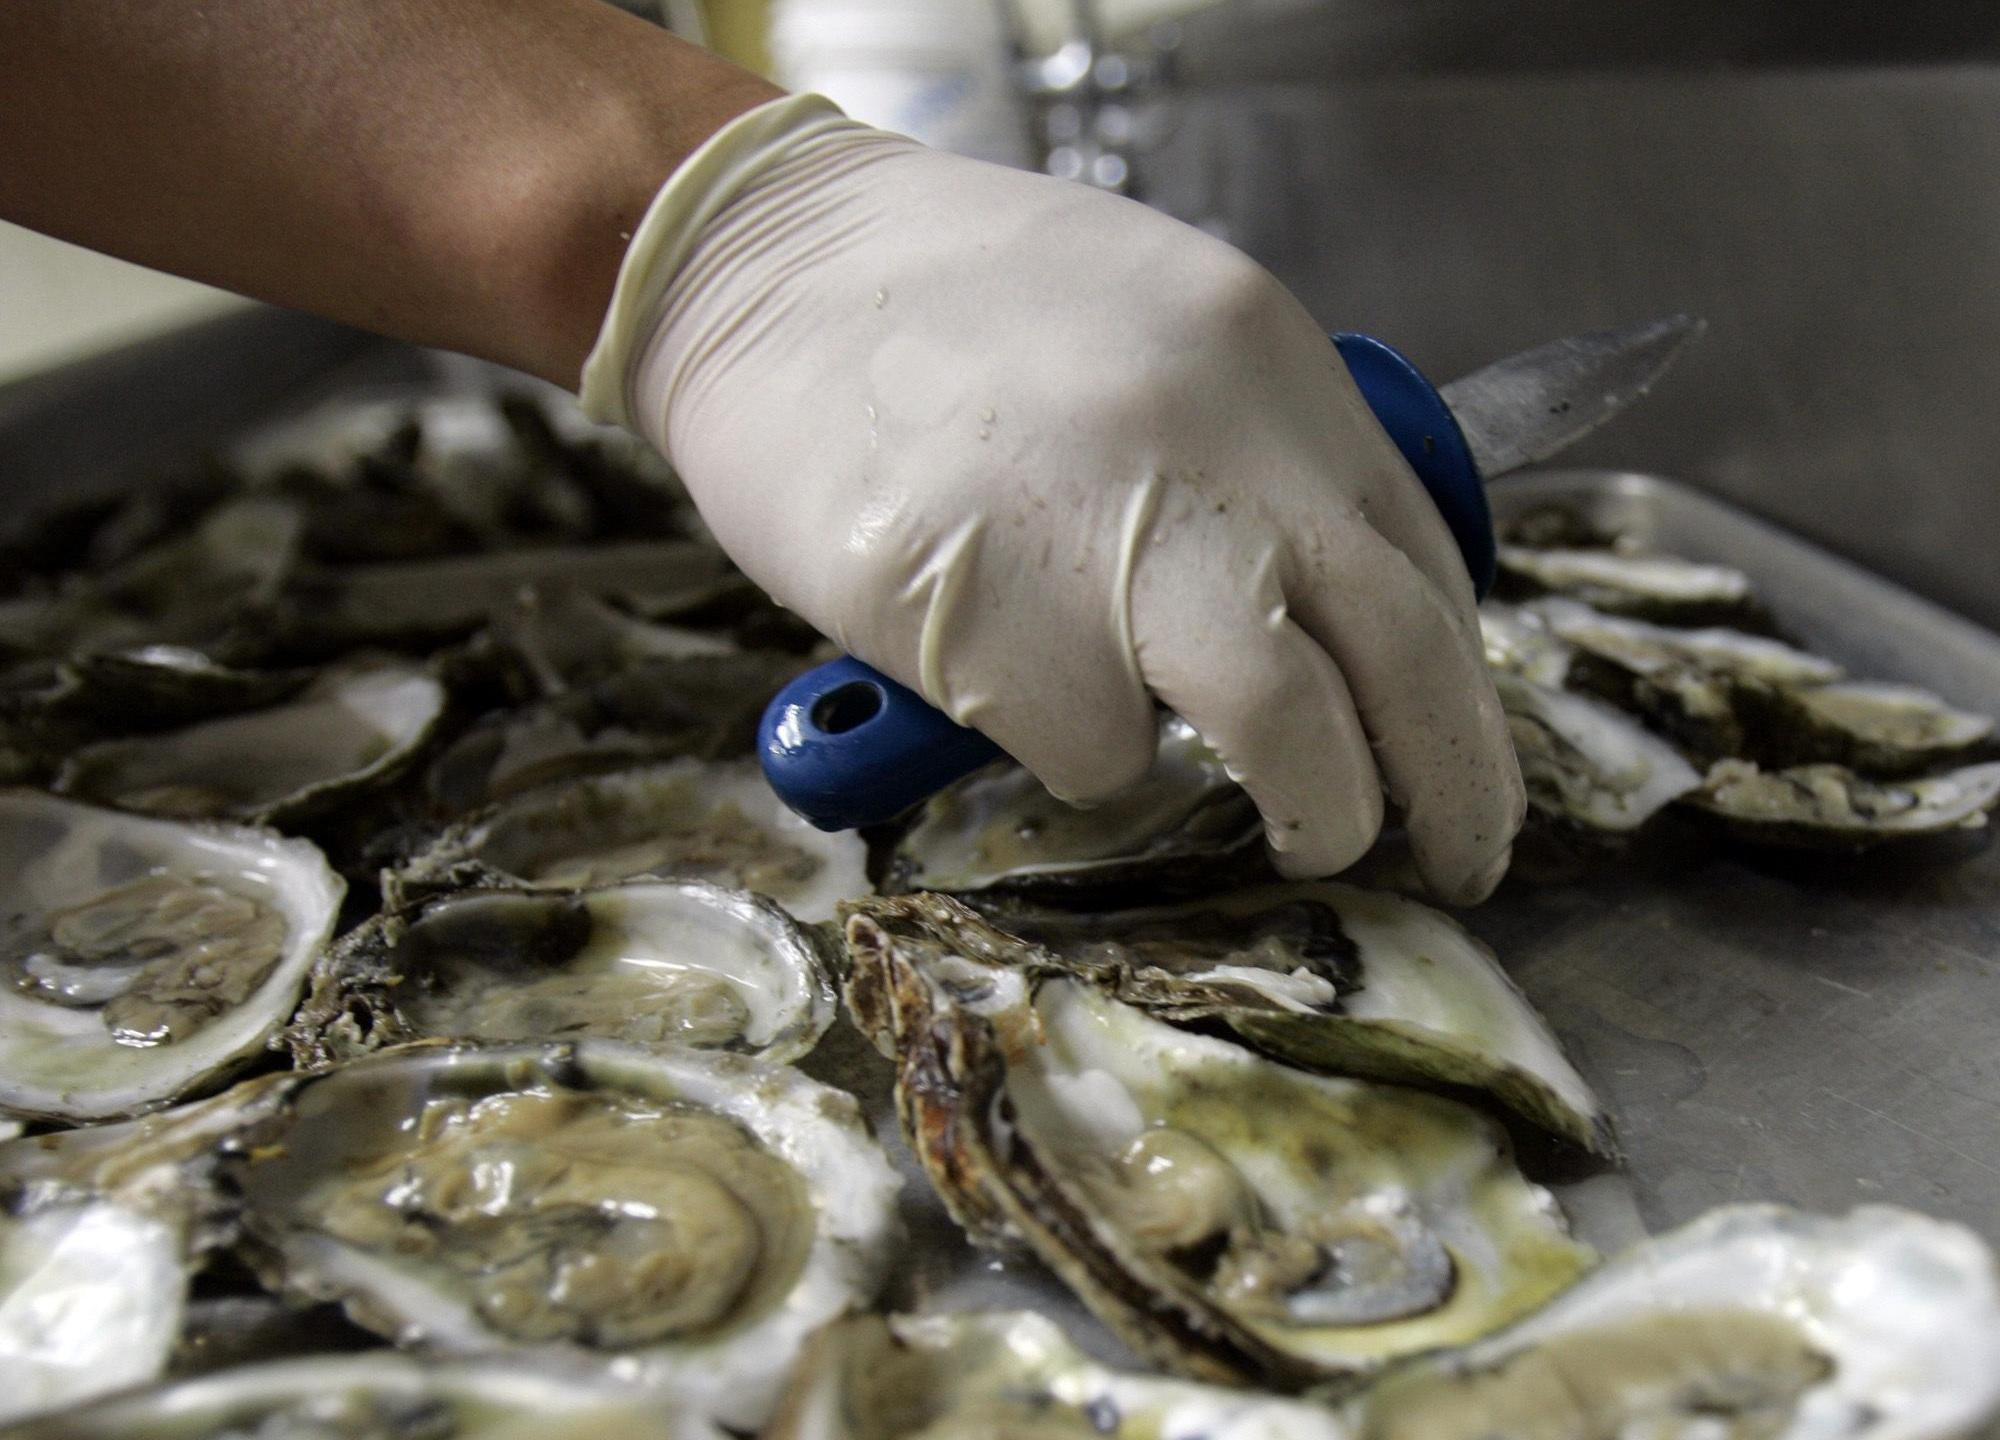 Oyster harvest season starts on Oct. 4 in Alabama